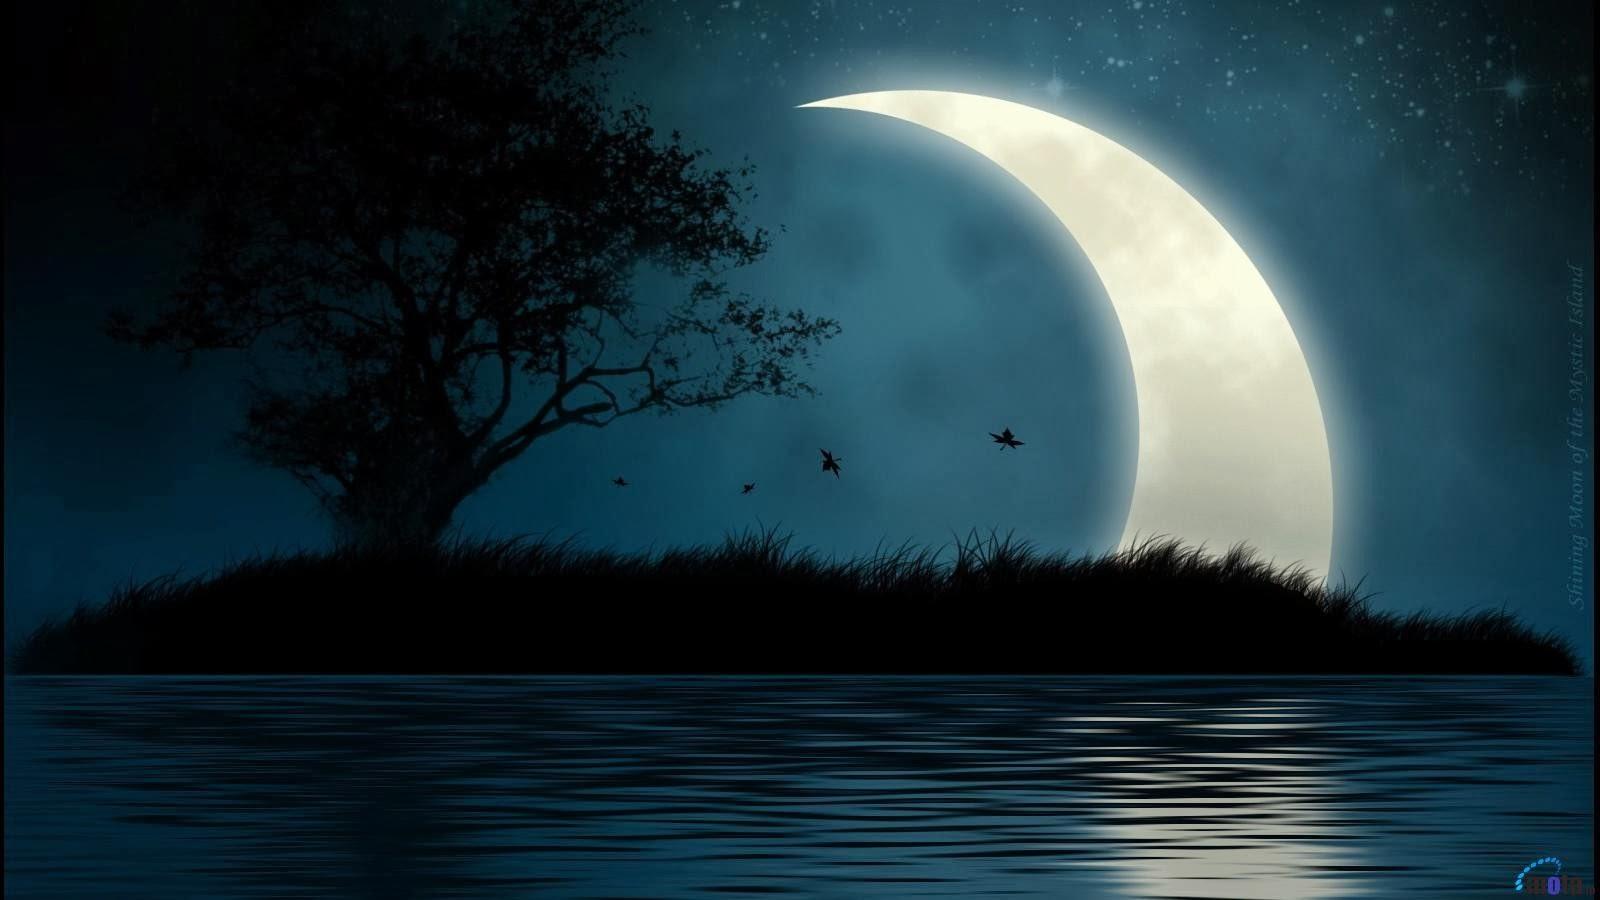 paisajes naturales nocturnos parte 4 - Imagenes De Paisajes